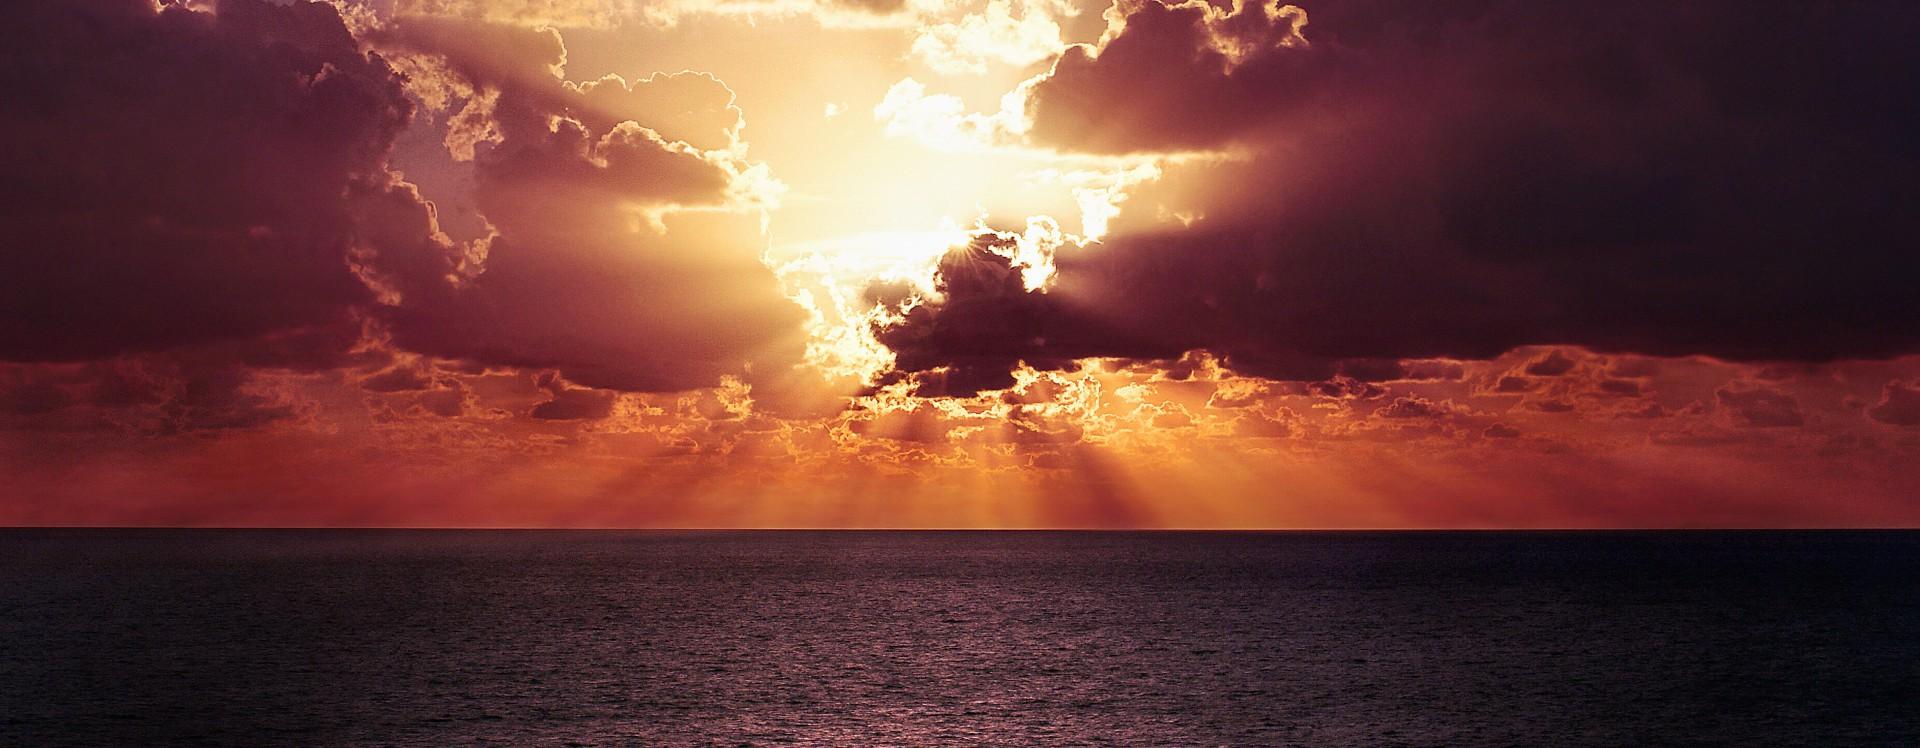 Permalink auf:Jesus spricht zu ihm: Ich bin der Weg und die Wahrheit und das Leben; niemand kommt zum Vater denn durch mich.